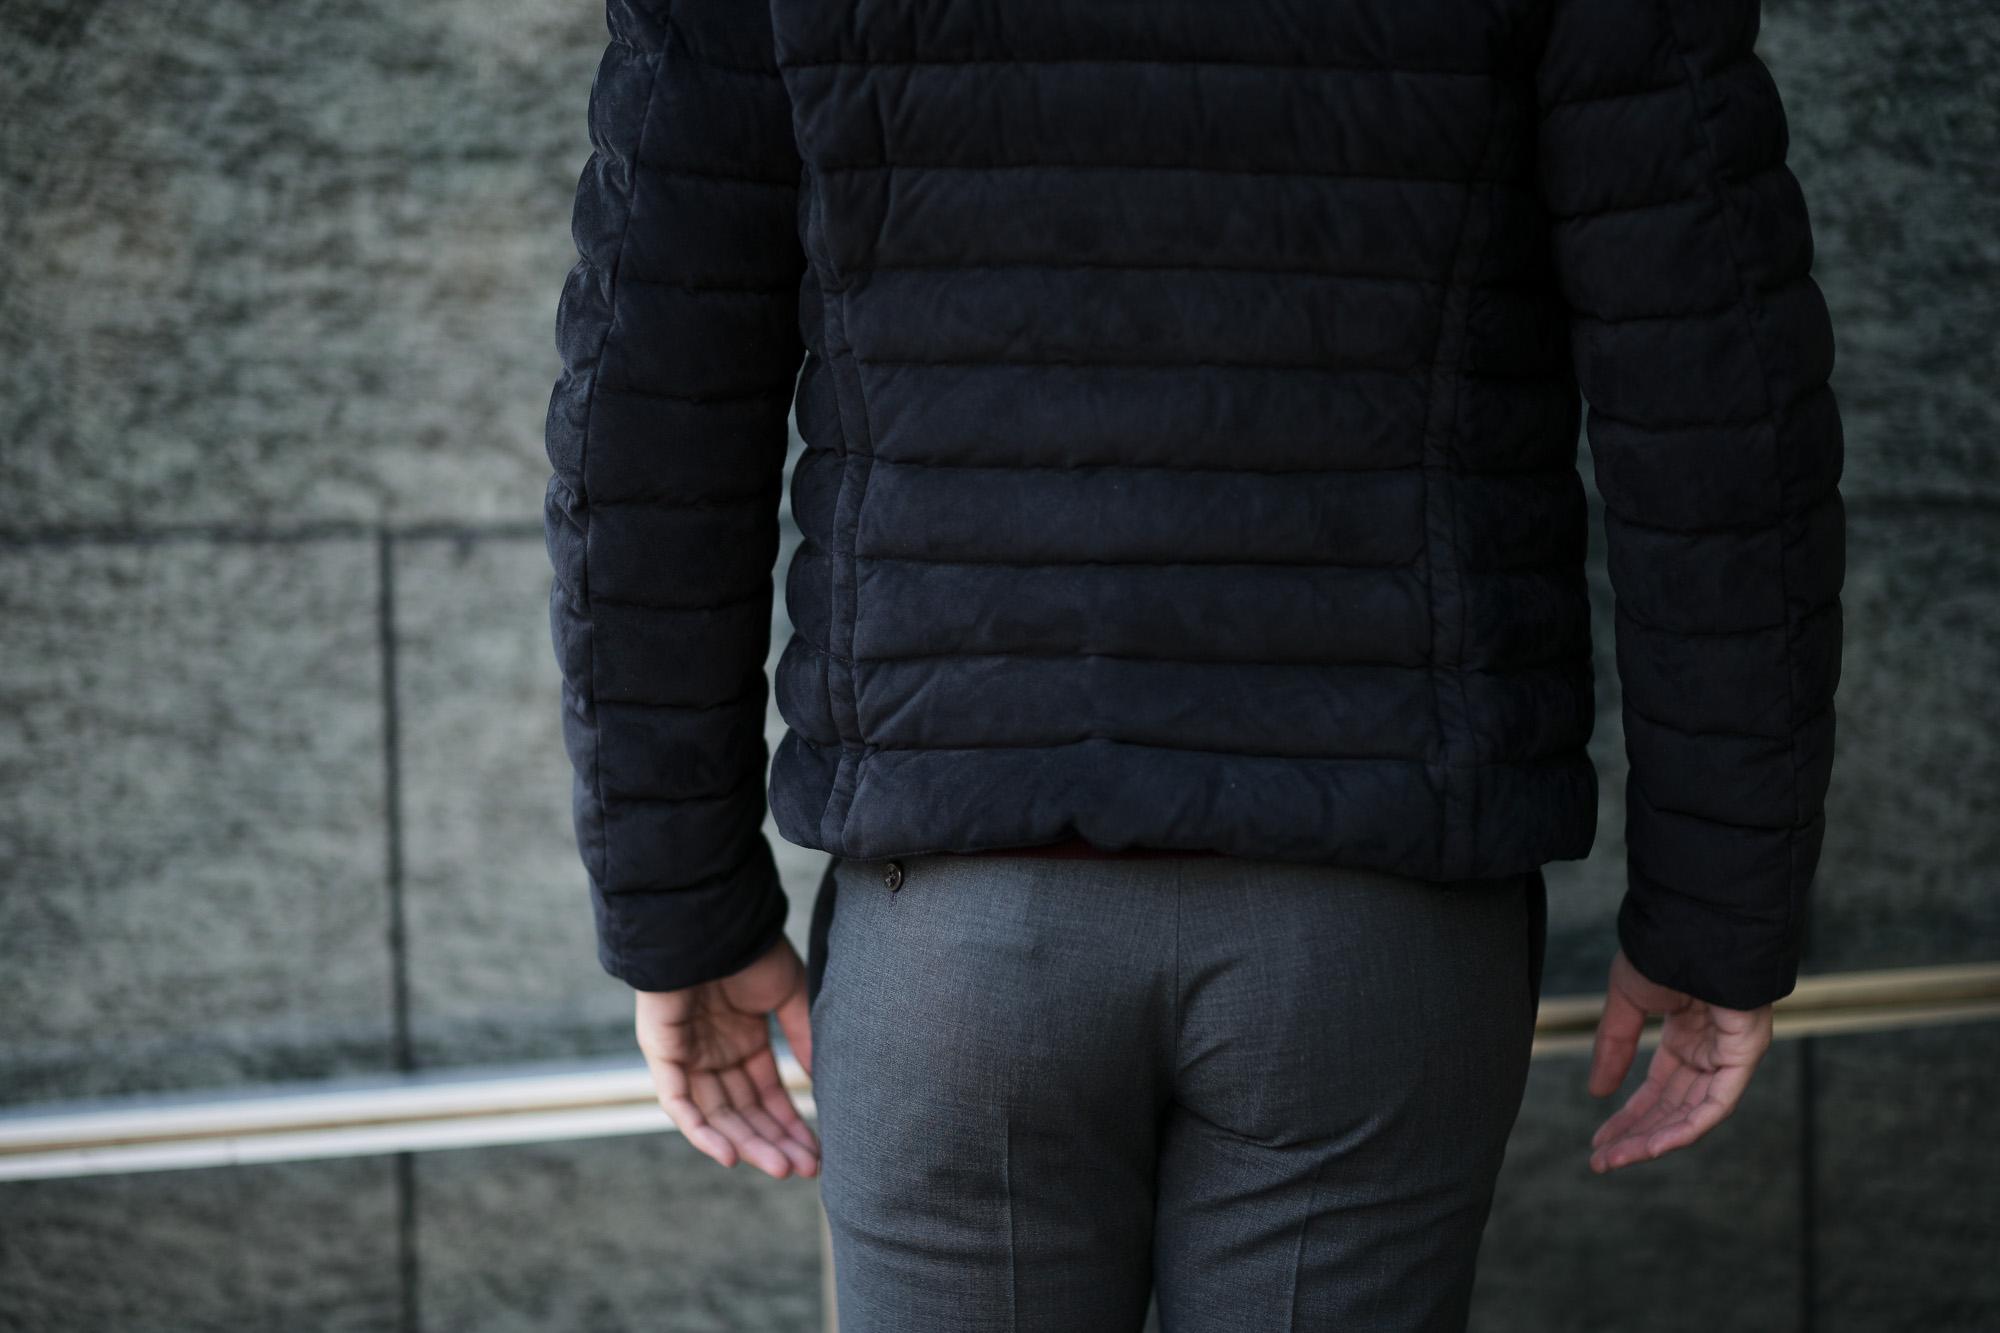 MOORER (ムーレー) RAY-UR (レイ) スエードレザー ダウン ジャケット NERO(ブラック・08)  Made in italy (イタリア製)【2019 秋冬分 ご予約受付中】愛知 名古屋 altoediritto アルトエデリット ダウンジャケット